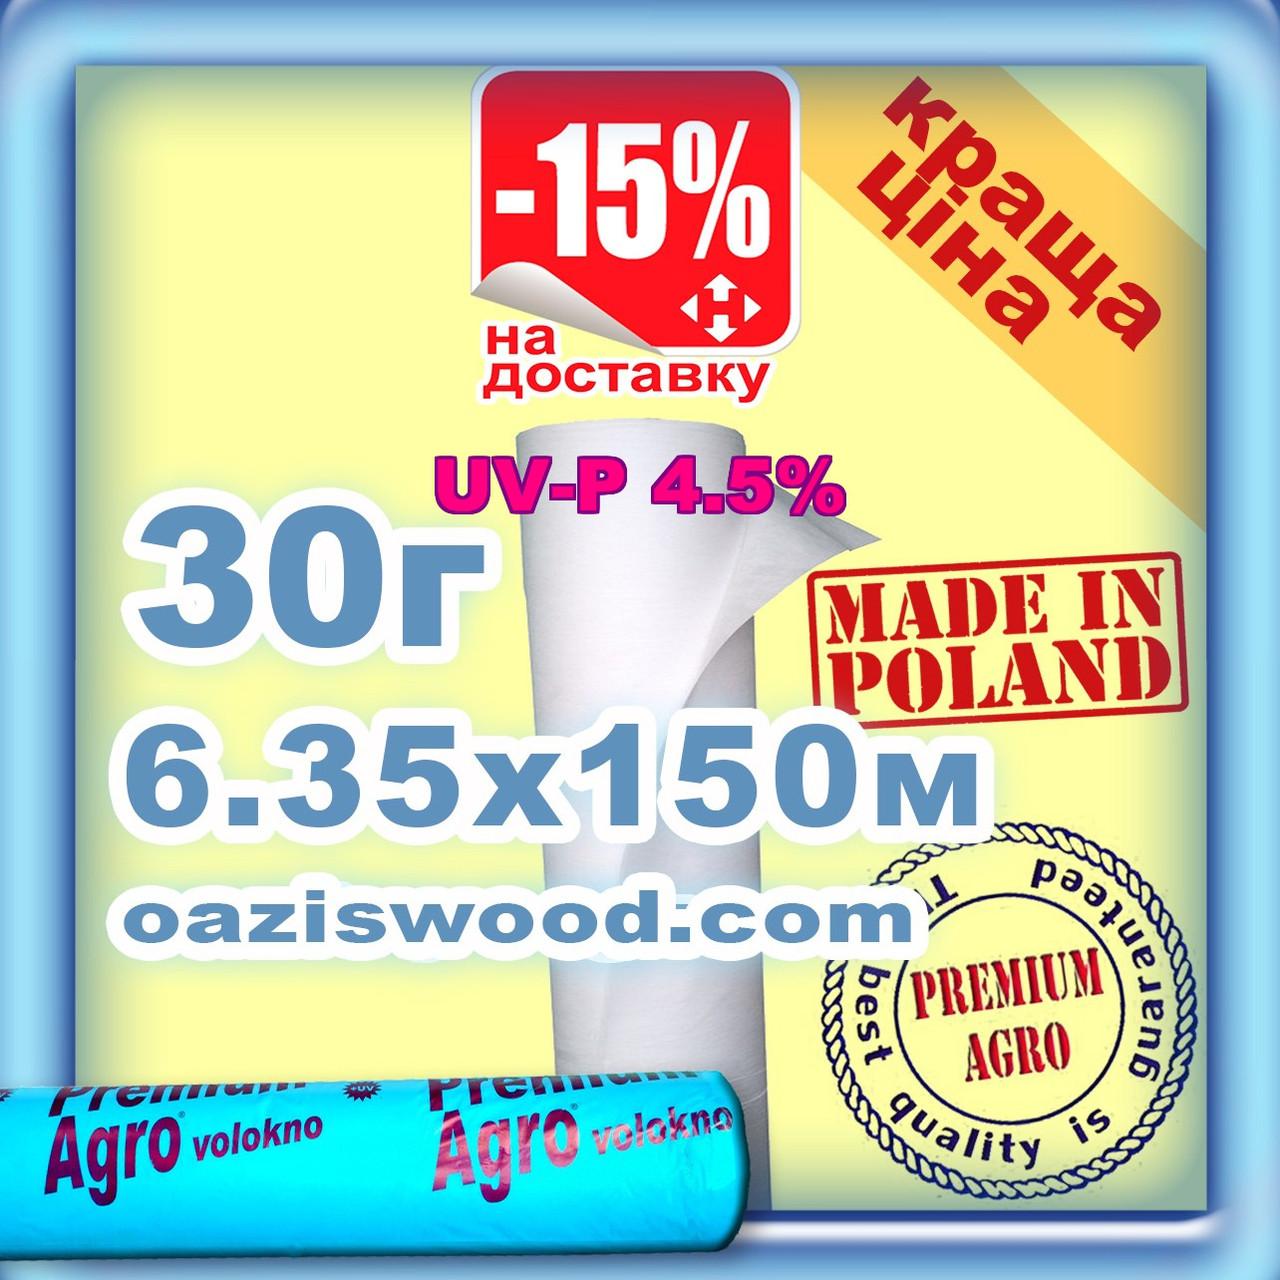 Агроволокно р-30g 6.35*150м белое UV-P 4.5% Premium-Agro Польша